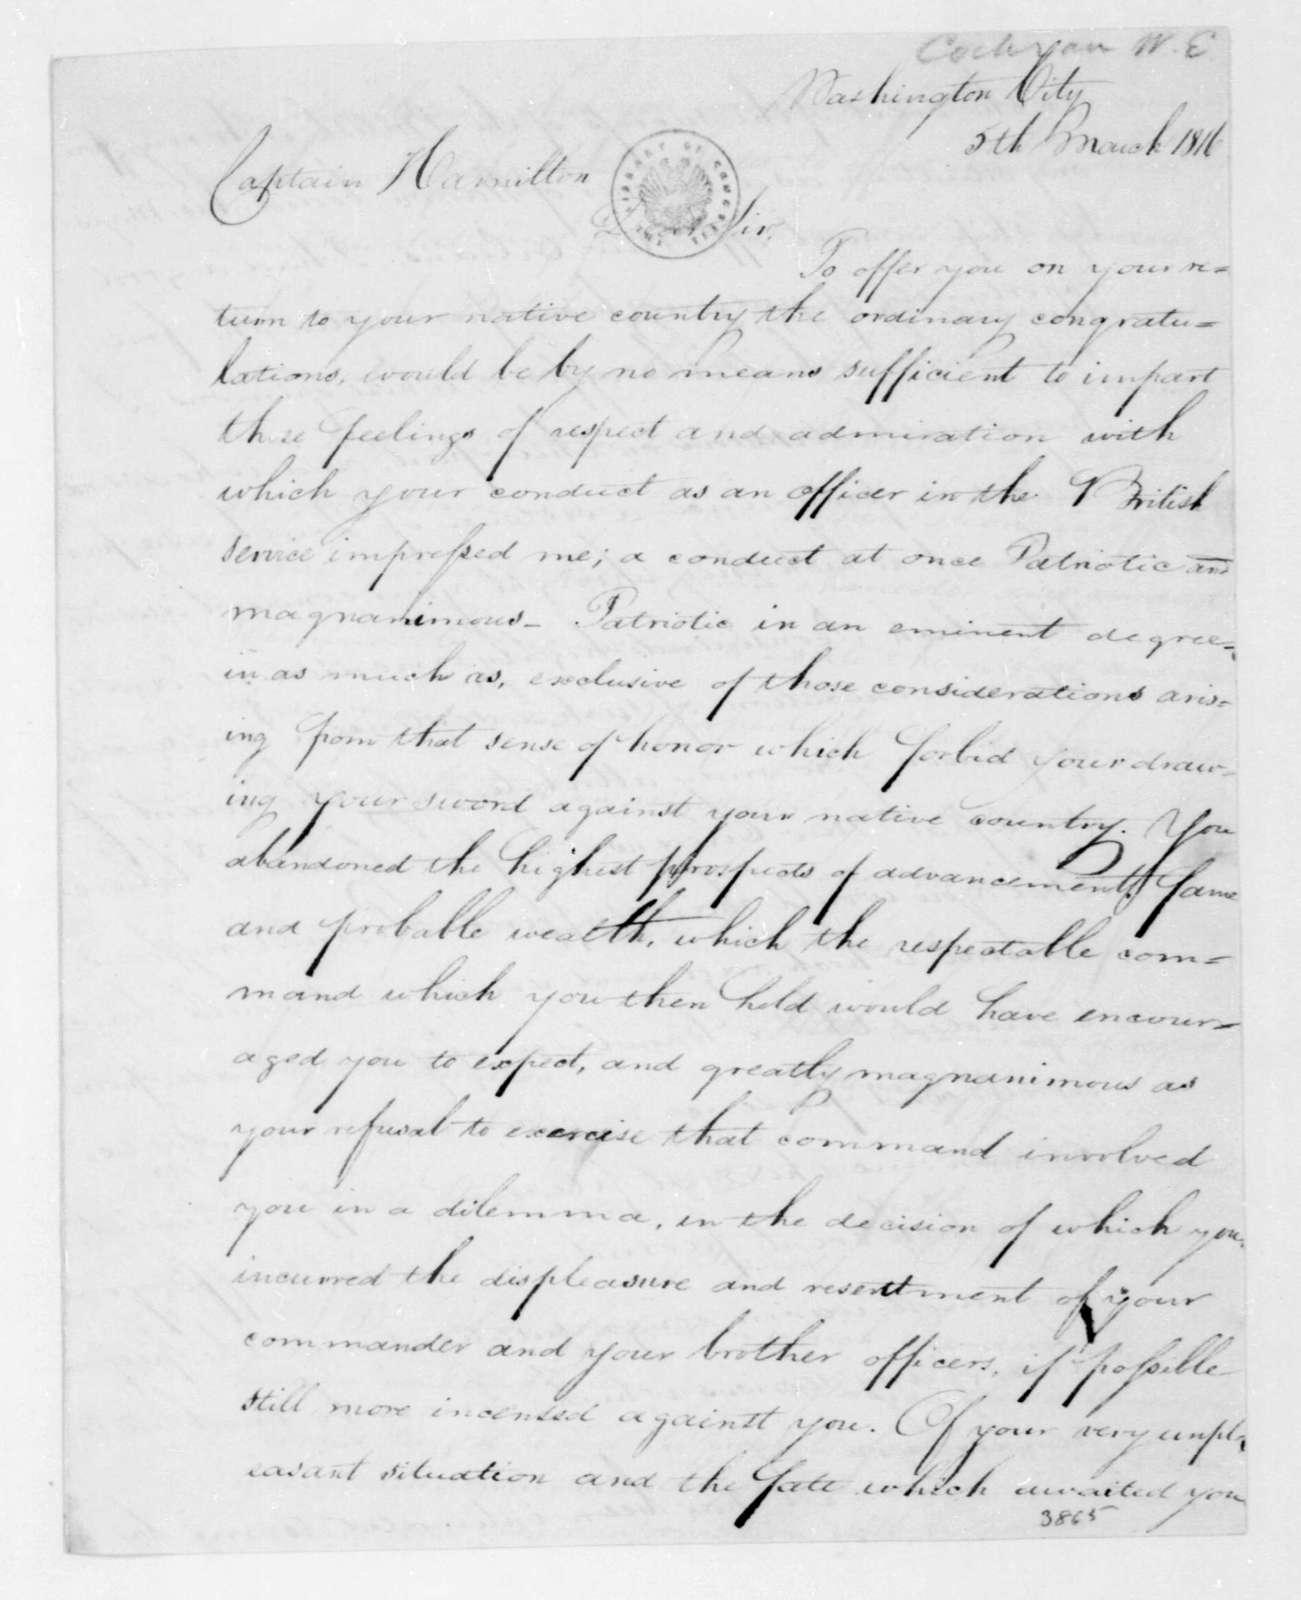 William E. Cochran to A. W. Hamilton, March 5, 1816.